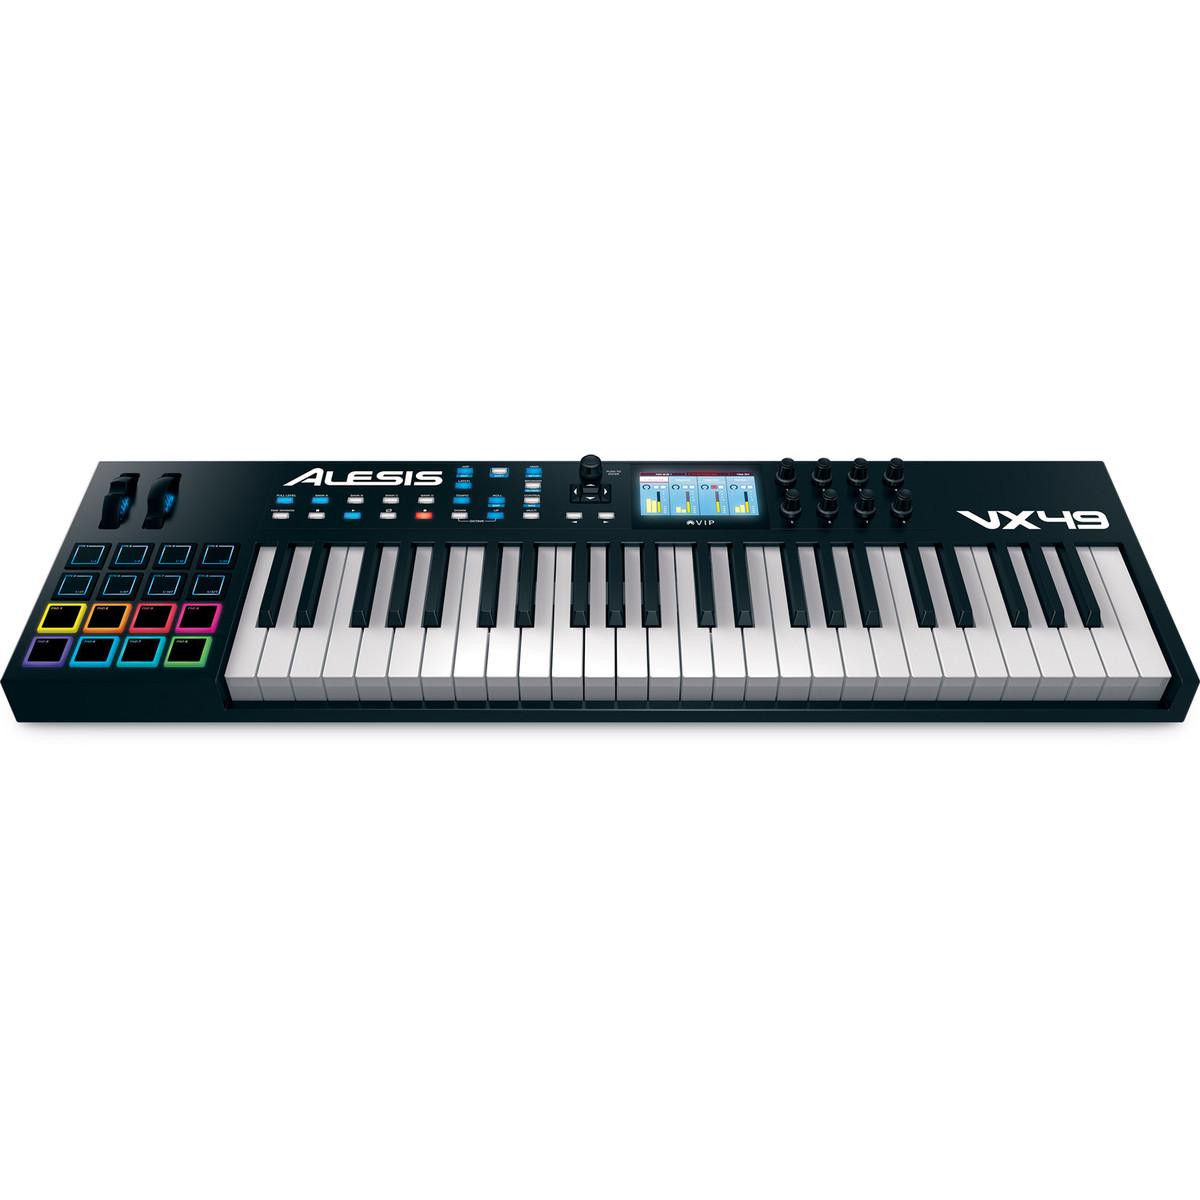 DISC Alesis VX49 Controller Keyboard with VST Integration